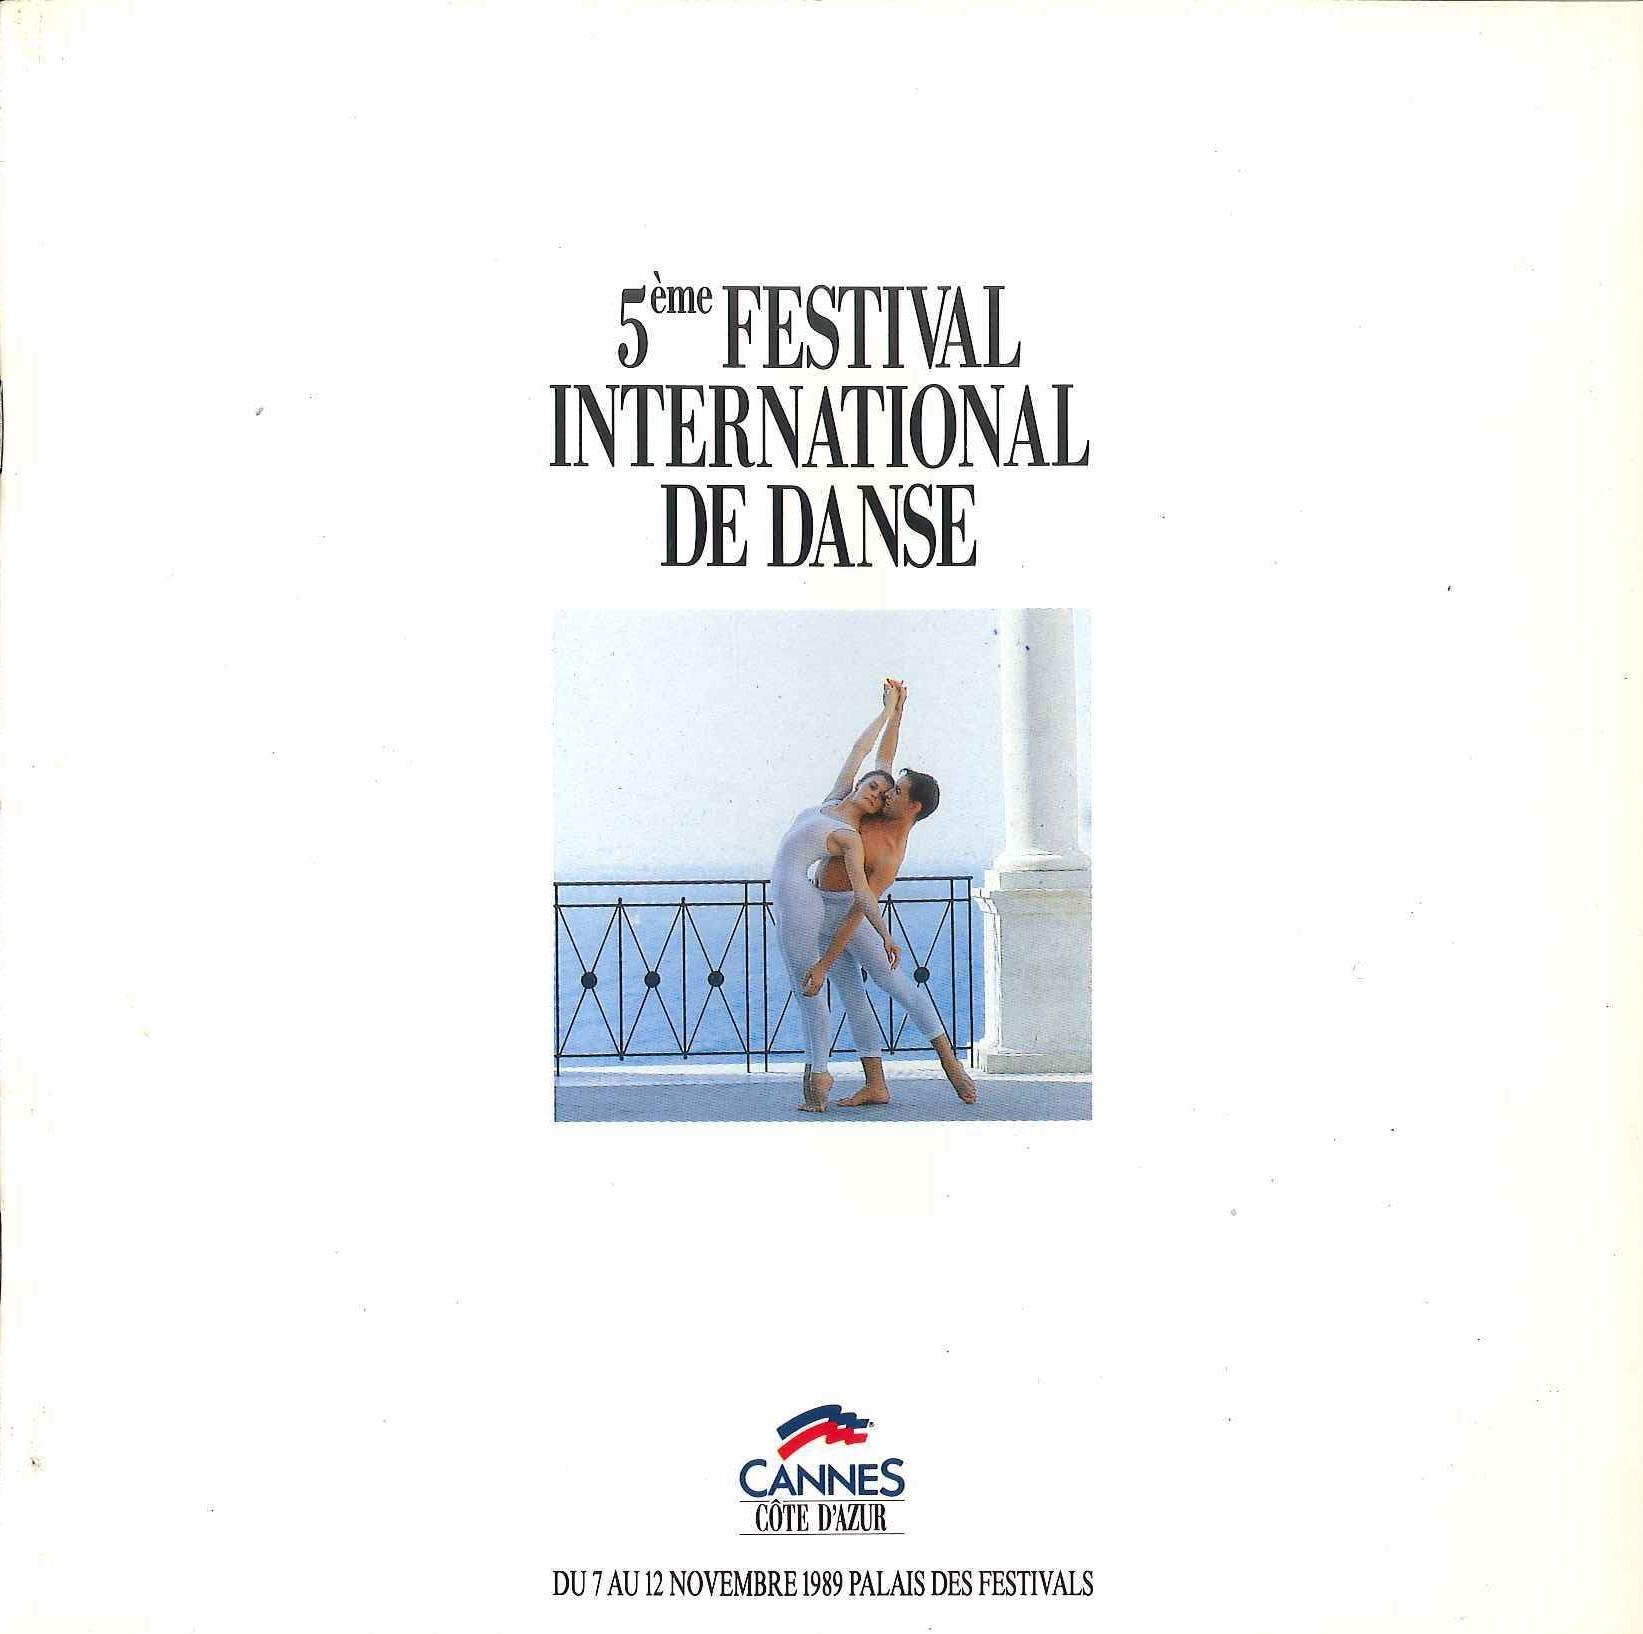 Festival de Danse Cannes 1989